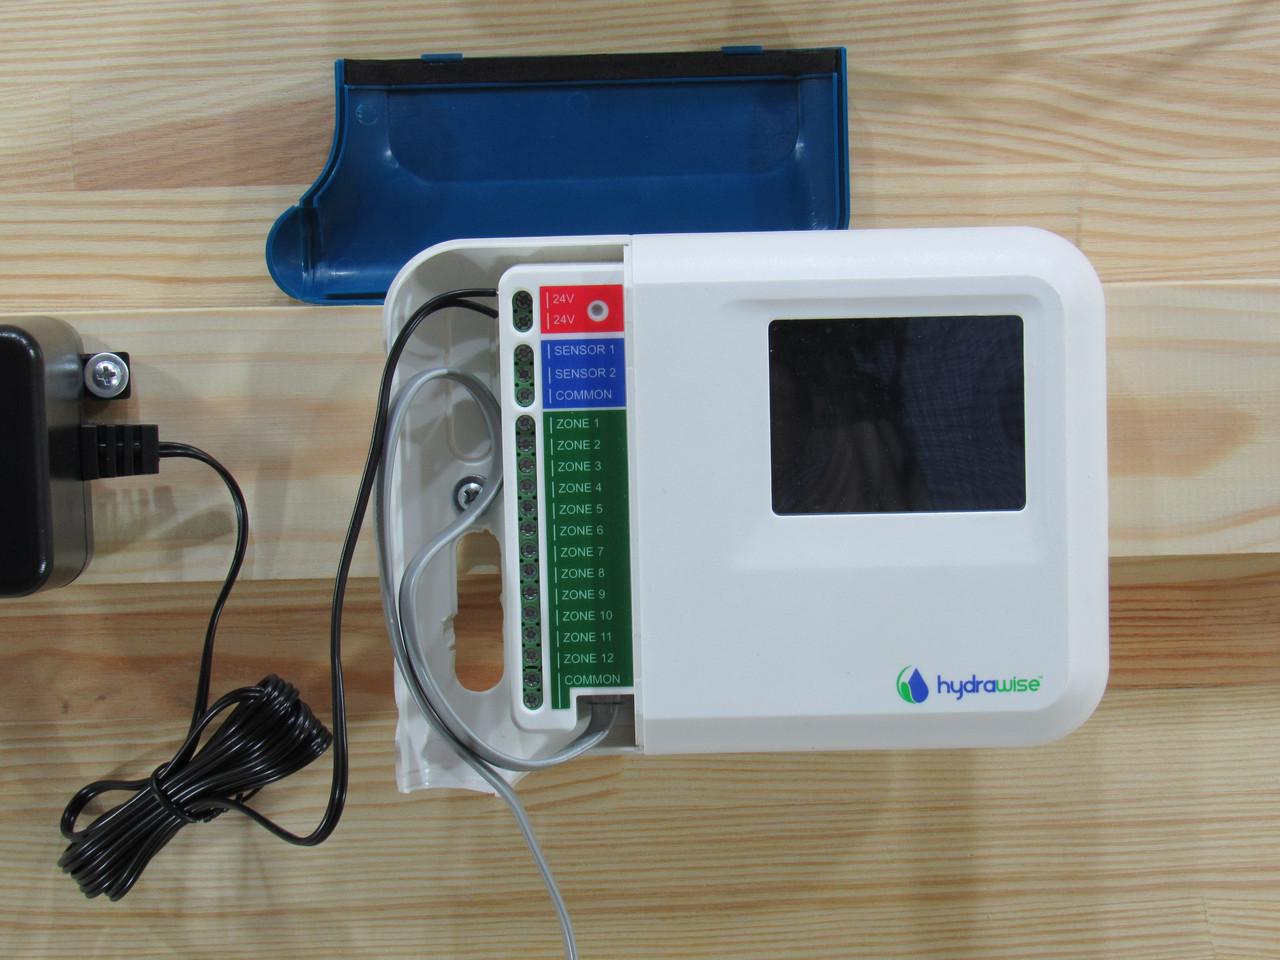 Контроллер HC-1201i для управления системой полива через интернет на 12 зон с возможностью расширения